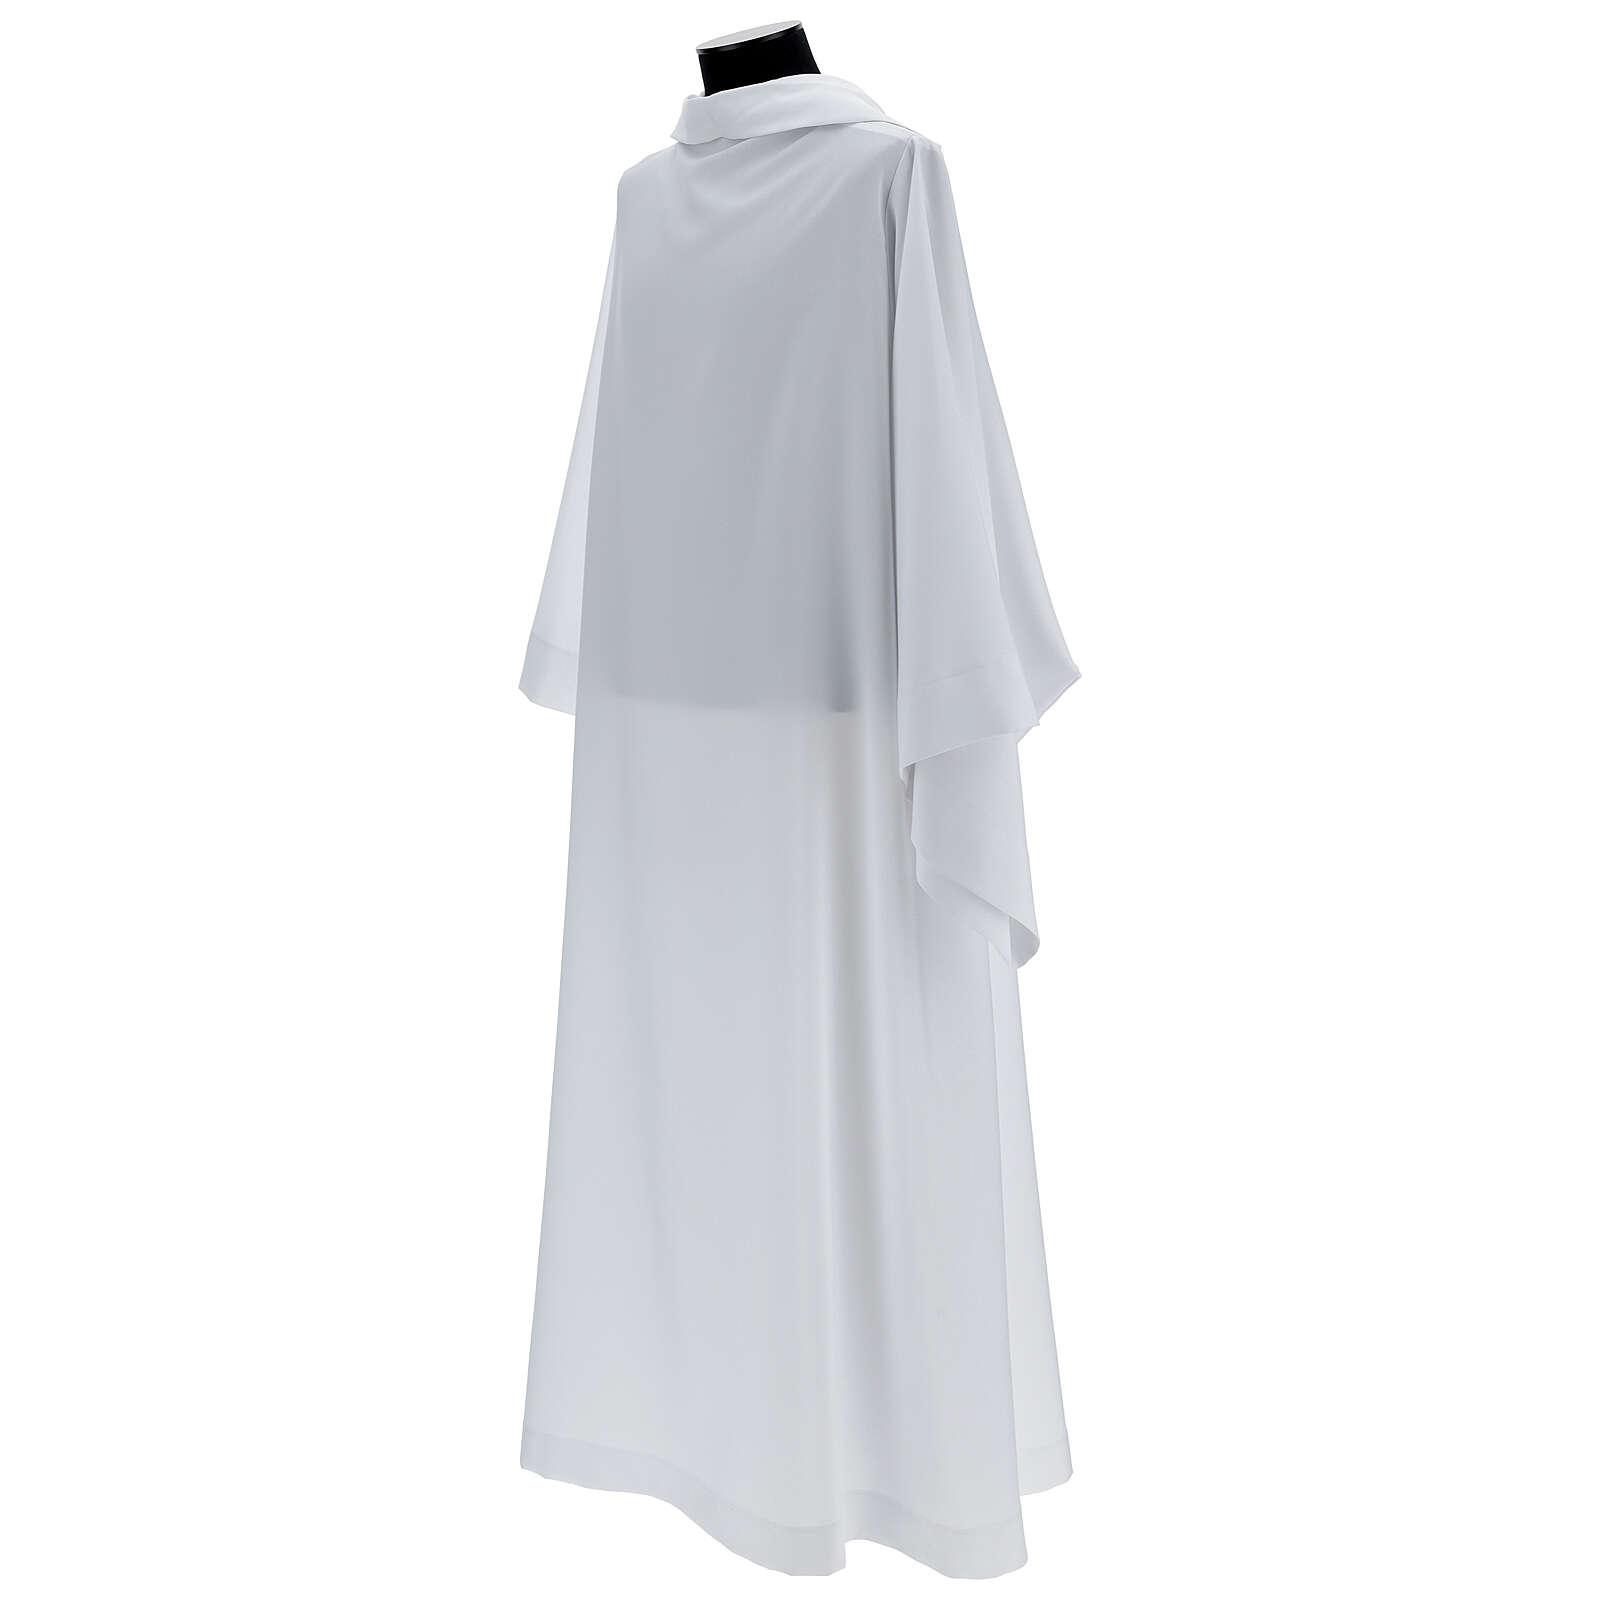 Alba blanco 100% poliéster con capucha 4